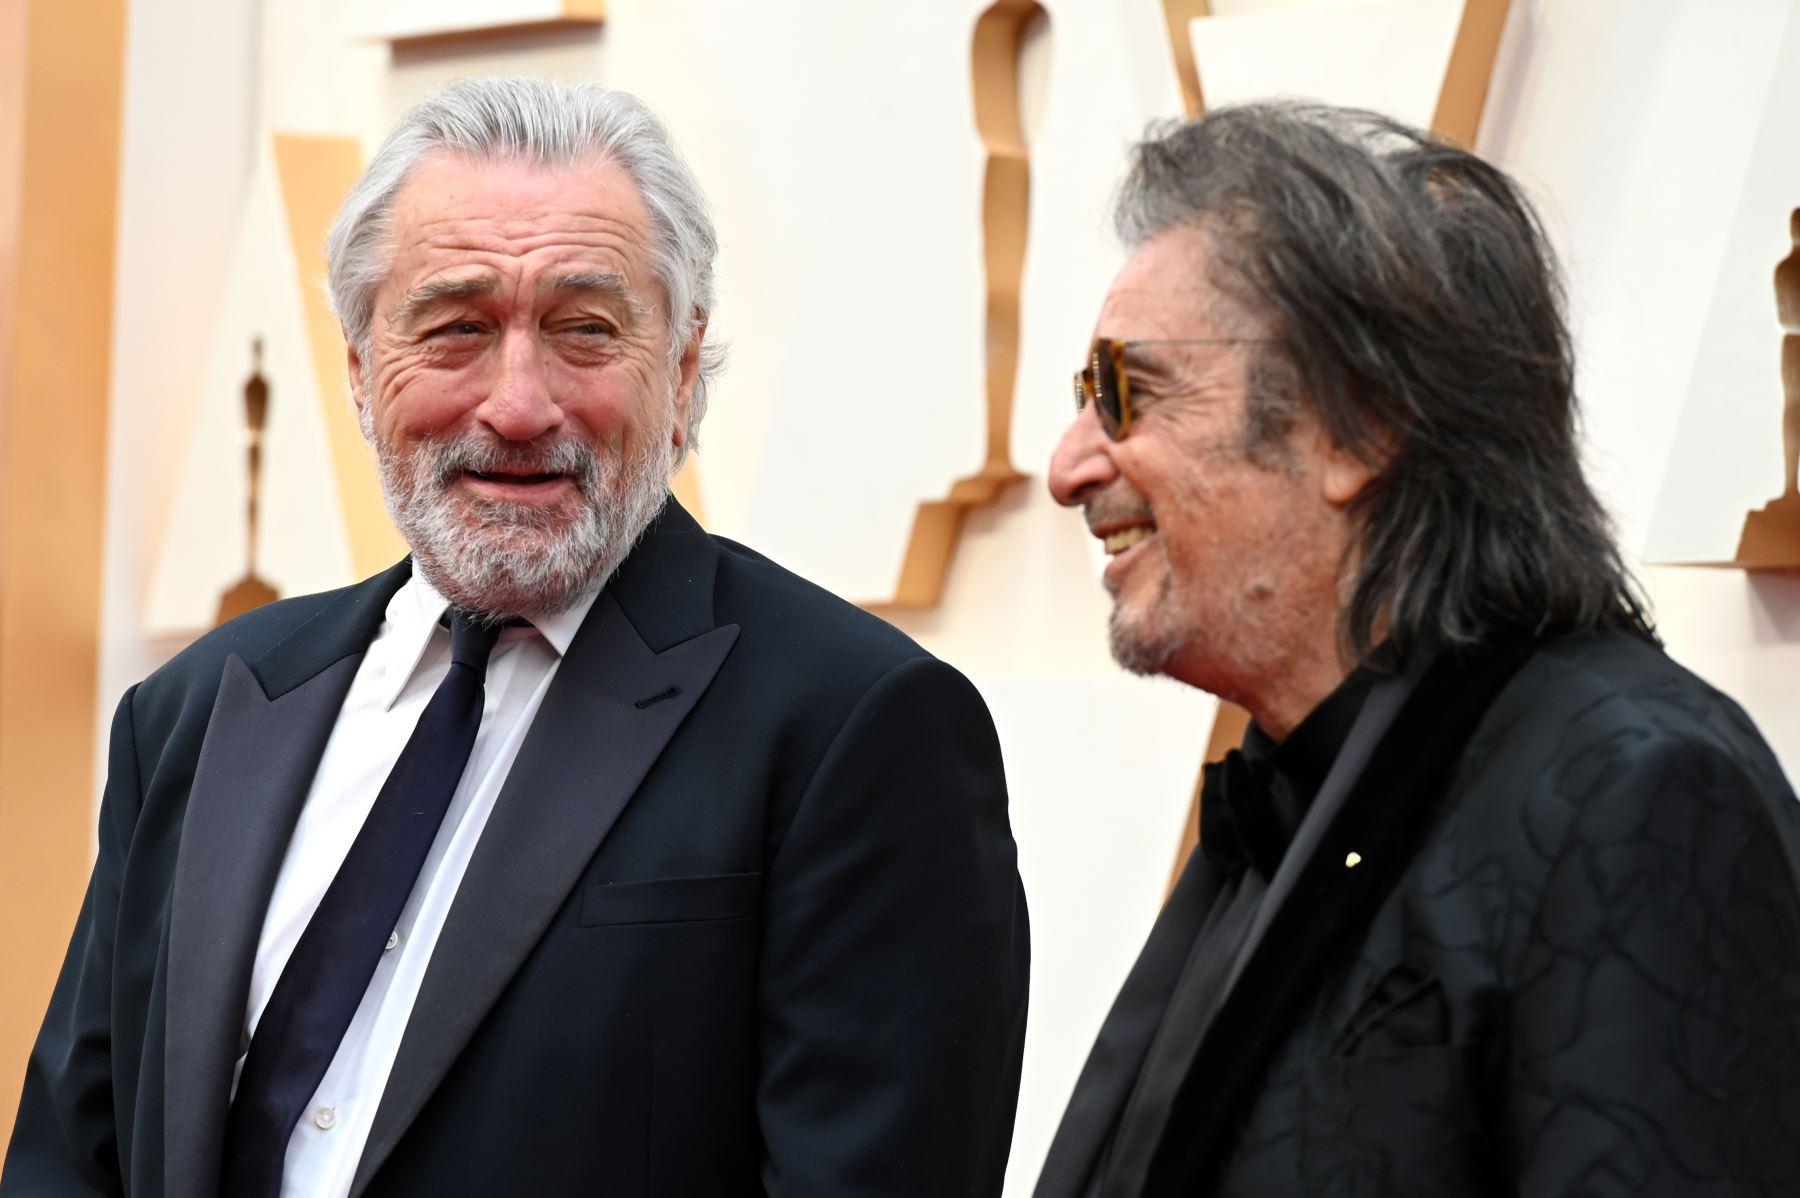 Los actores estadounidenses Robert De Niro  y Al Pacino llegan para los 92o Oscar al Dolby Theatre en Hollywood, California. Foto: AFP